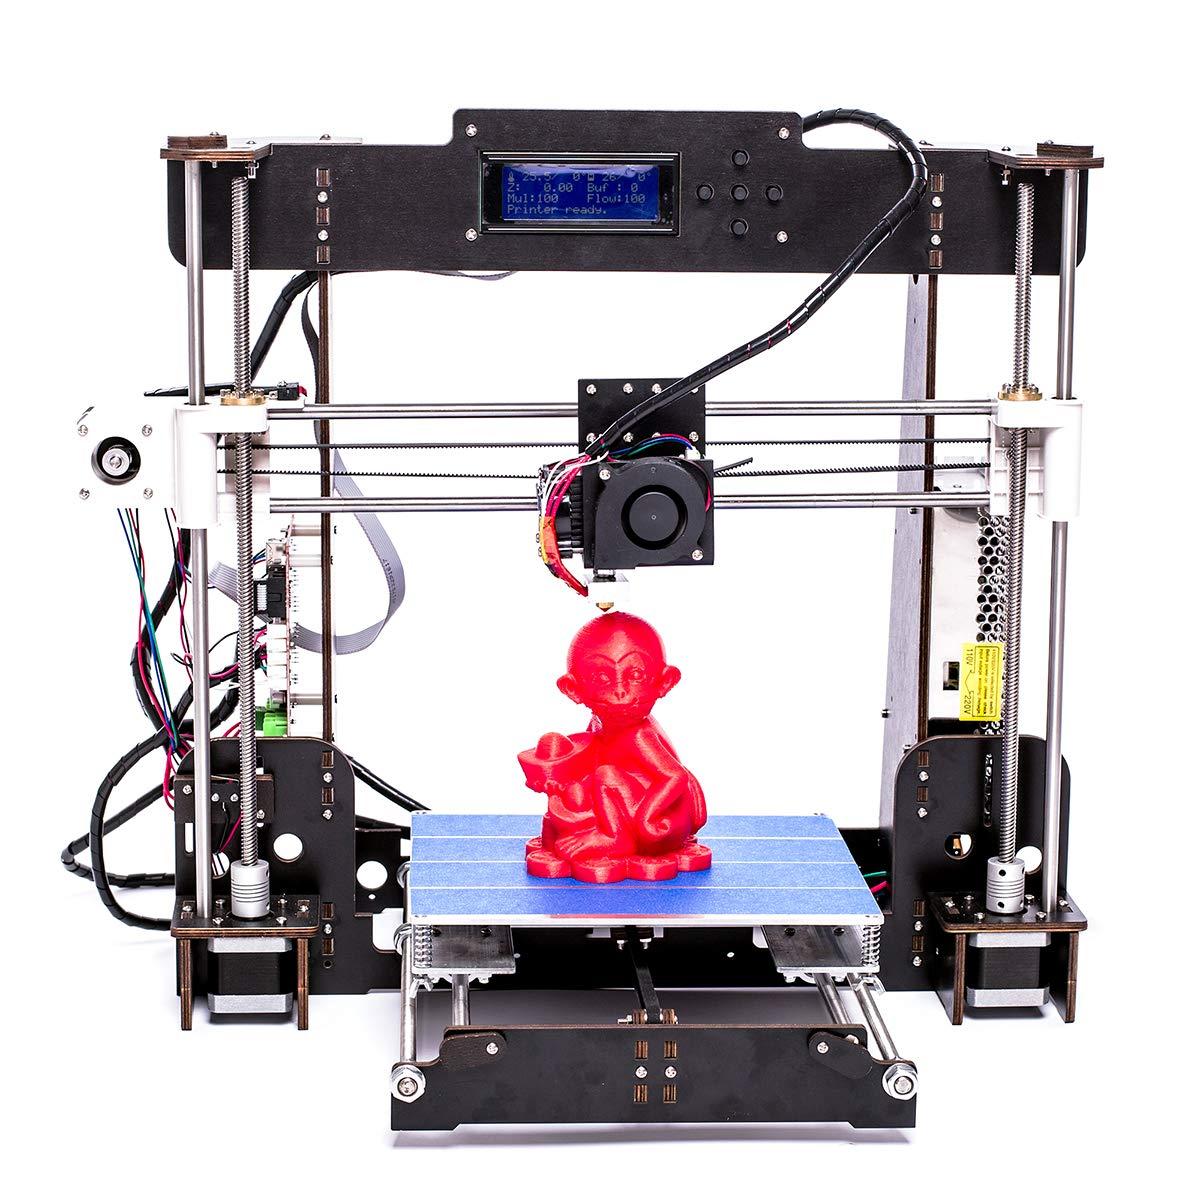 Imprimante 3D A8 MK8 Extruder Kit De Mise à Niveau De l'imprimante 3D Filament d'imprimante ABS/PLA 1.75 mm (A8) 3D Prima